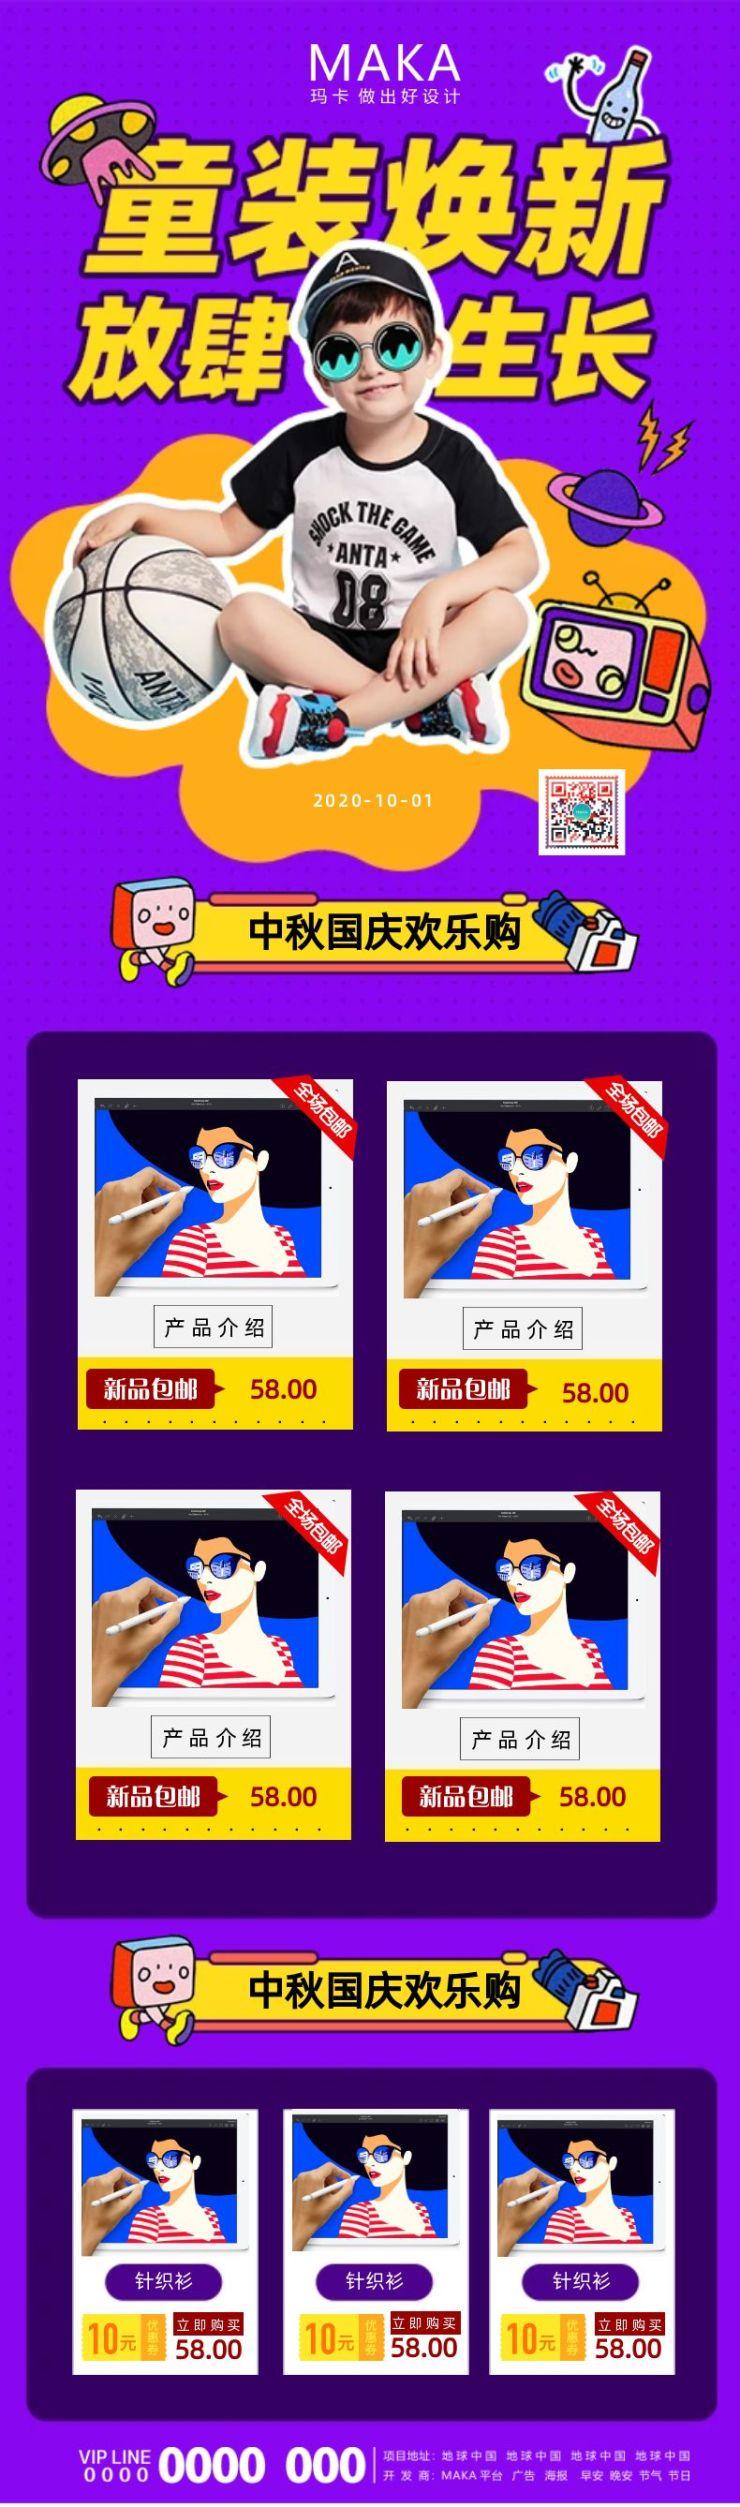 紫色简约风中秋国庆服装促销电商详情页